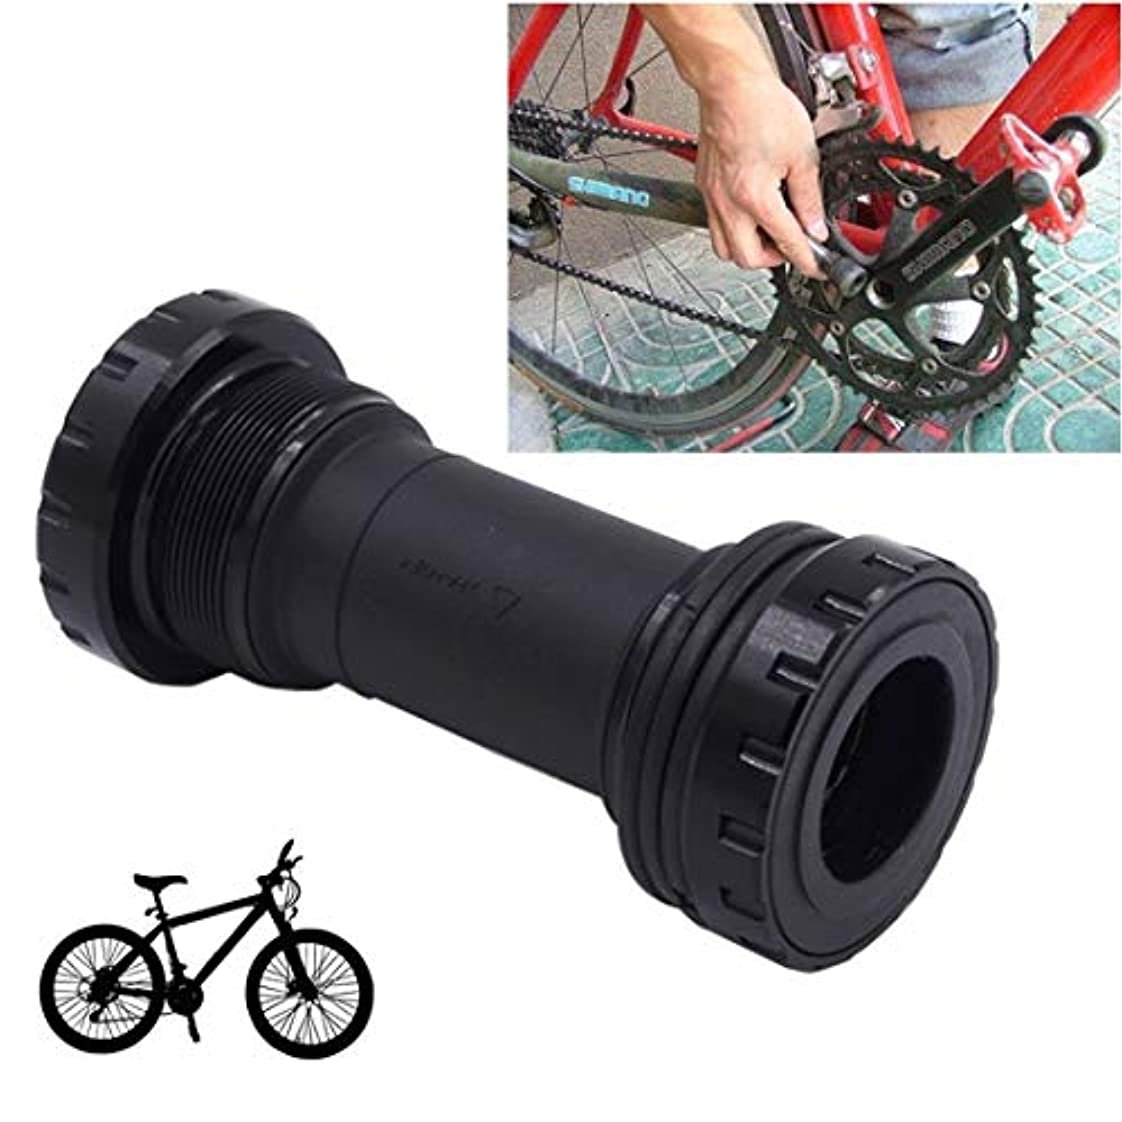 浮く夜邪魔する自転車BB91の底ブラケットはシマノのマウンテンバイクのための68-73mmに合います, (色 : ブラック)